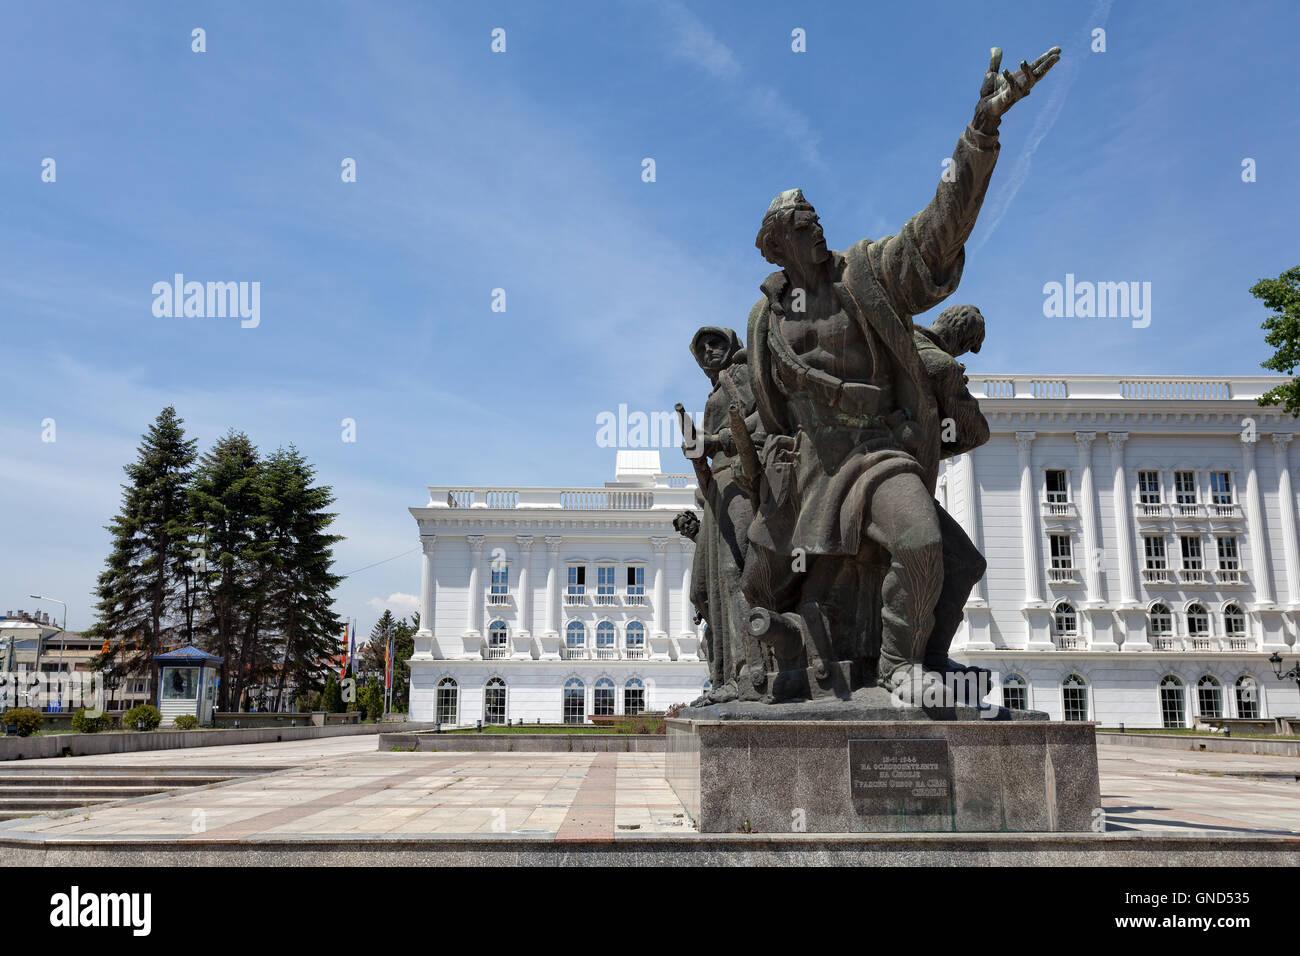 Sozialistischen Ära Denkmal in Skopje, Mazedonien Stockbild